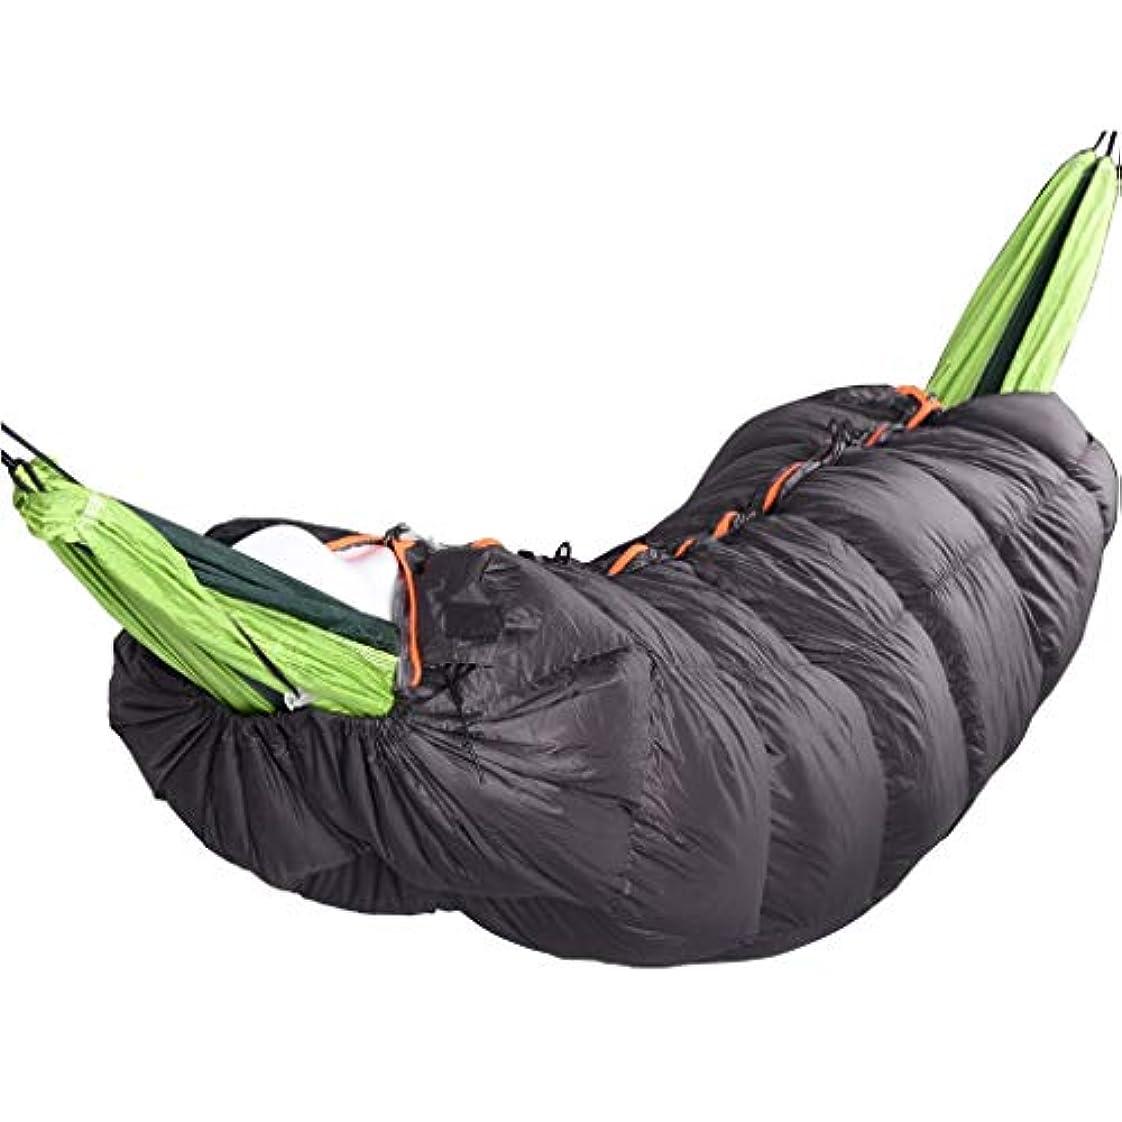 盆地追い払う産地ポータブル屋外の寝袋、暖かく快適な、楽しい屋外の時間を楽しむ、ハンモックキャンプの寝袋、キャンプ釣りポータブル断熱カバー、ダブルジッパー閉鎖暖かいハンモック Qiuoorsqurp